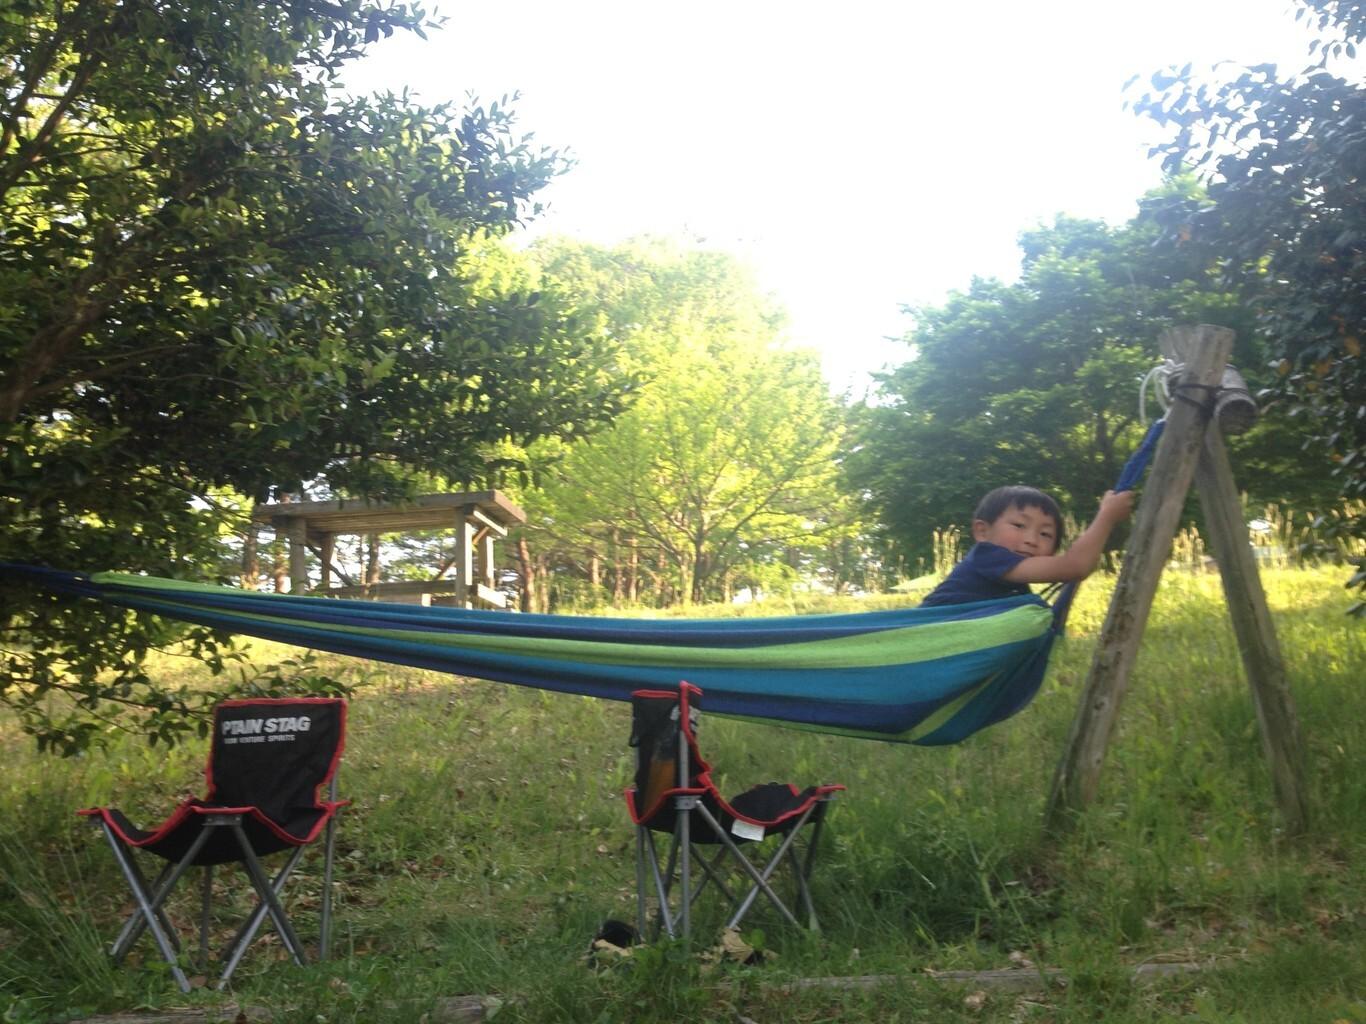 津黒高原キャンプ場 の写真p4645